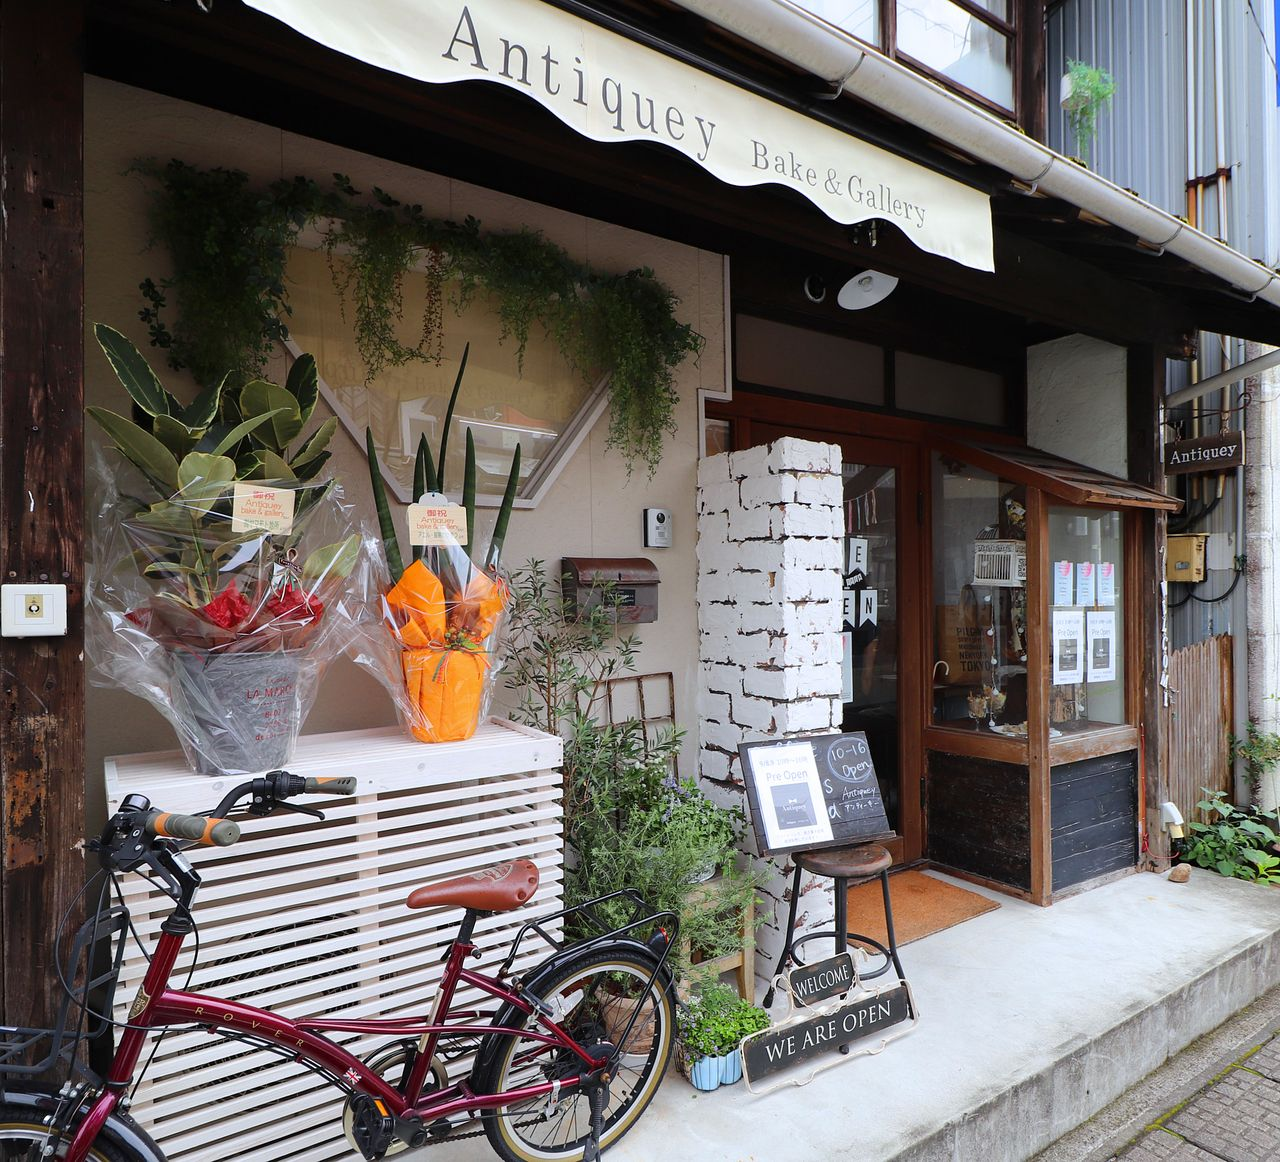 四万十市中村一条通に新しくオープンしたアンティークカフェ、アンティーキーベイク&ギャラリー。